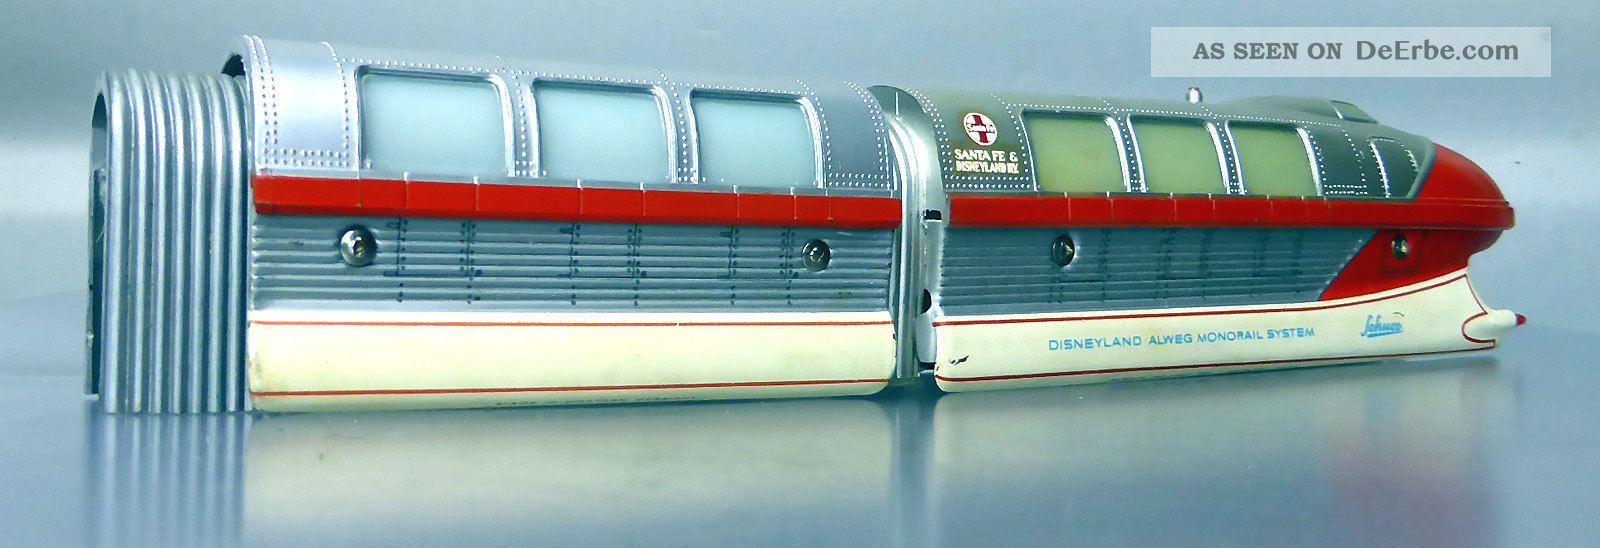 Schuco Monorail 6333/0; Triebwagenzug 4 - Teilig,  Selten,  Silber/rot /d240 Original, gefertigt 1945-1970 Bild